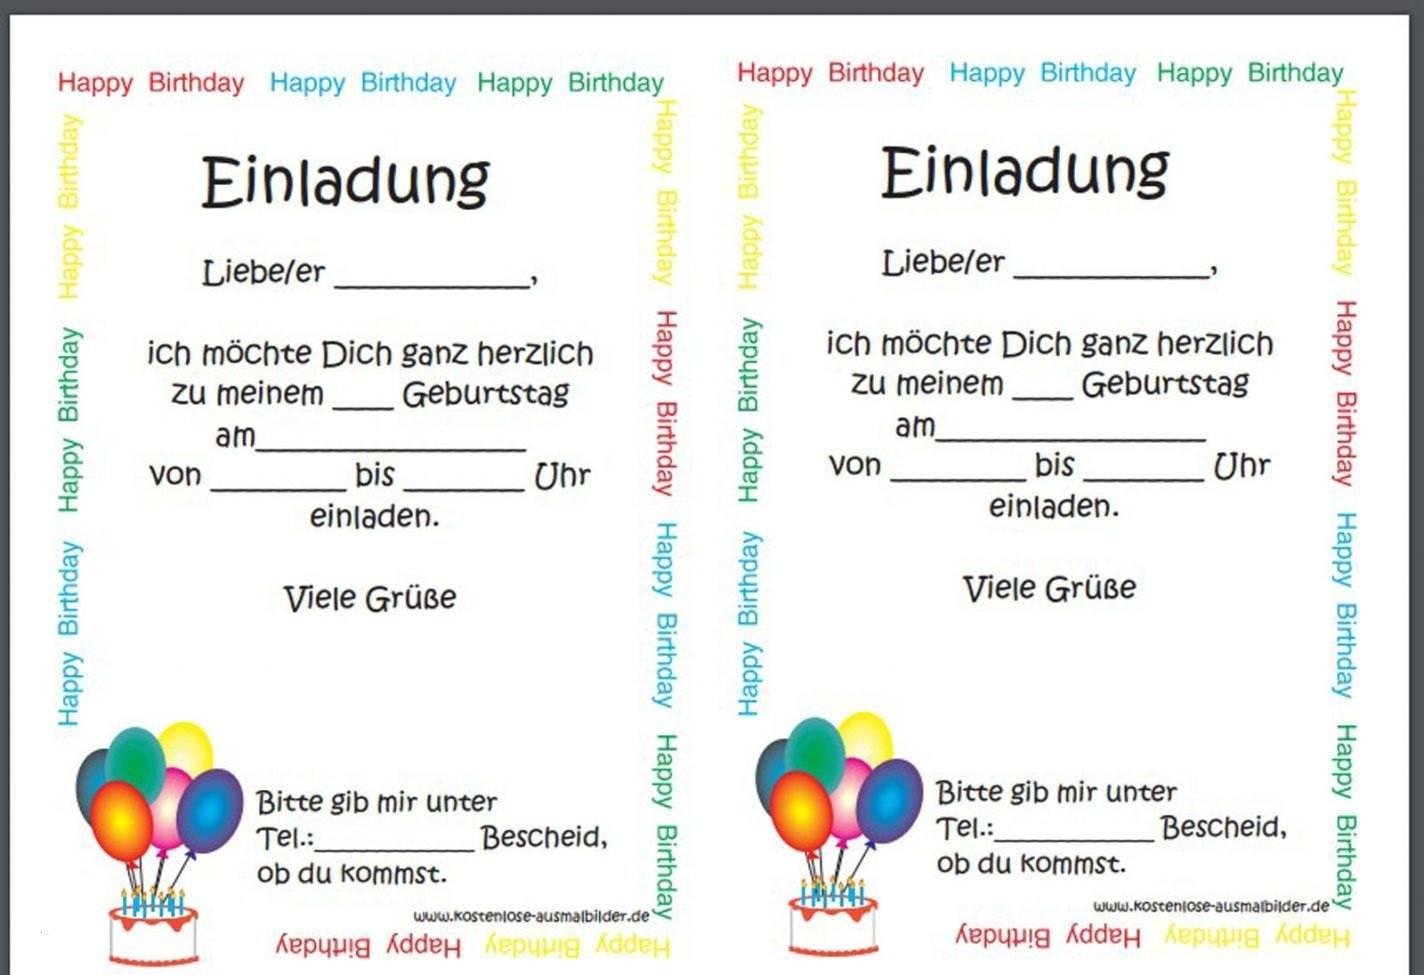 Happy Birthday Zum Ausdrucken Frisch Happy Birthday Karte Zum Ausdrucken Bilder Happy Birthday Karte Zum Galerie